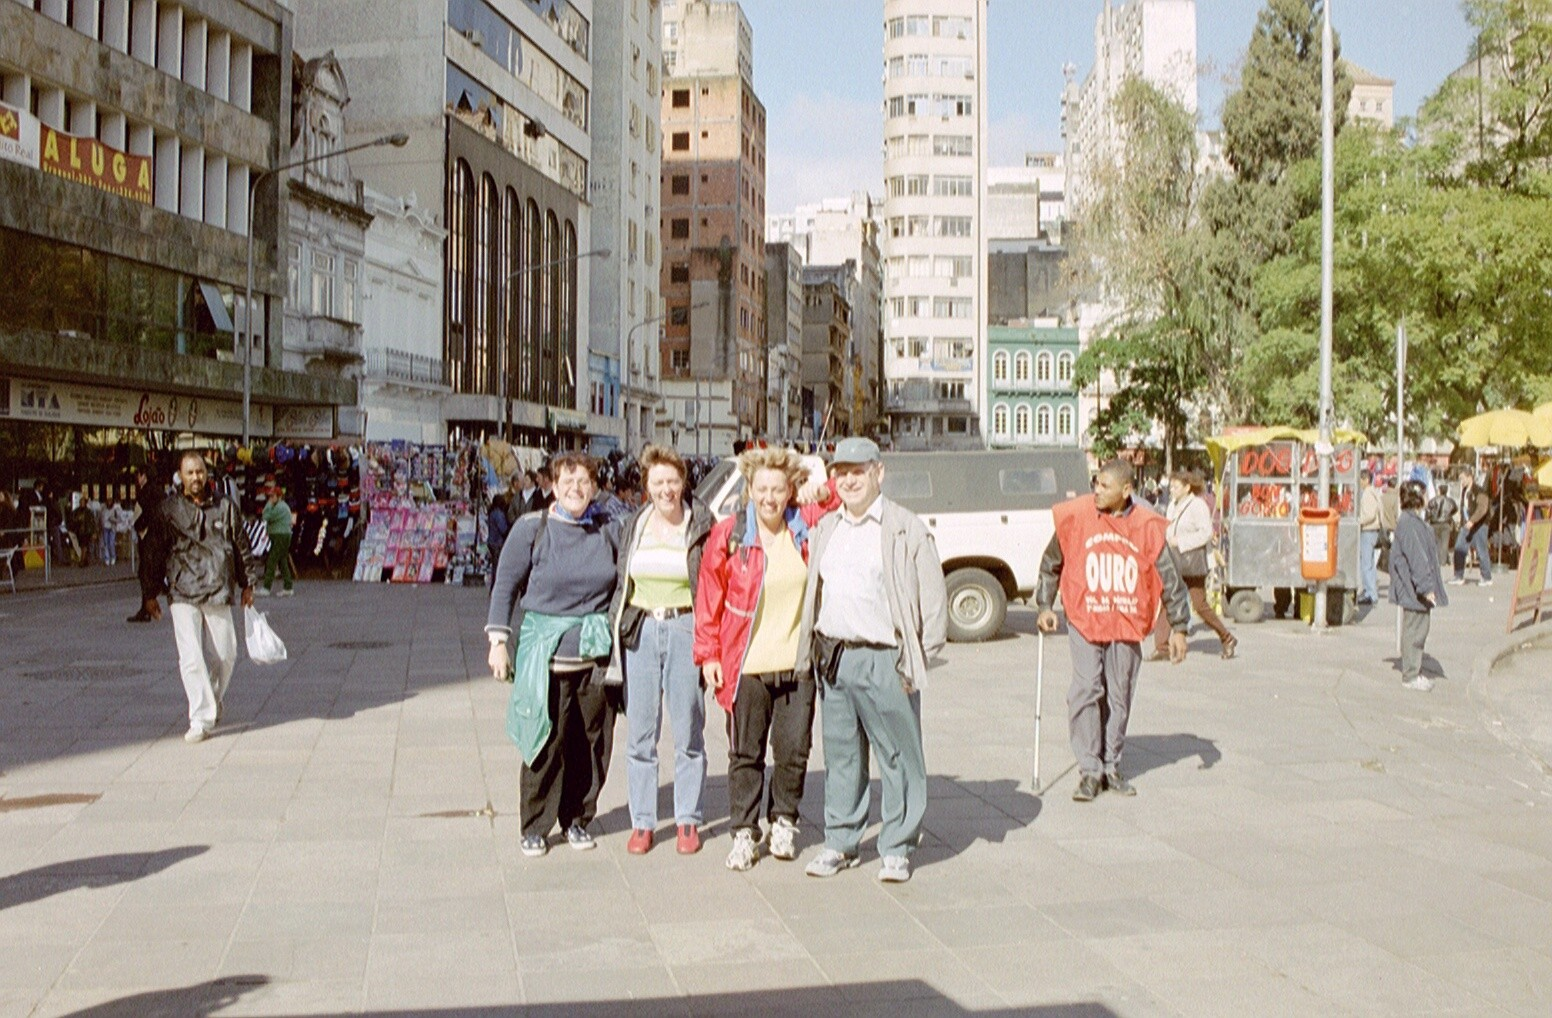 Besuch ganz im Süden von Prasilien in Porto Alegre